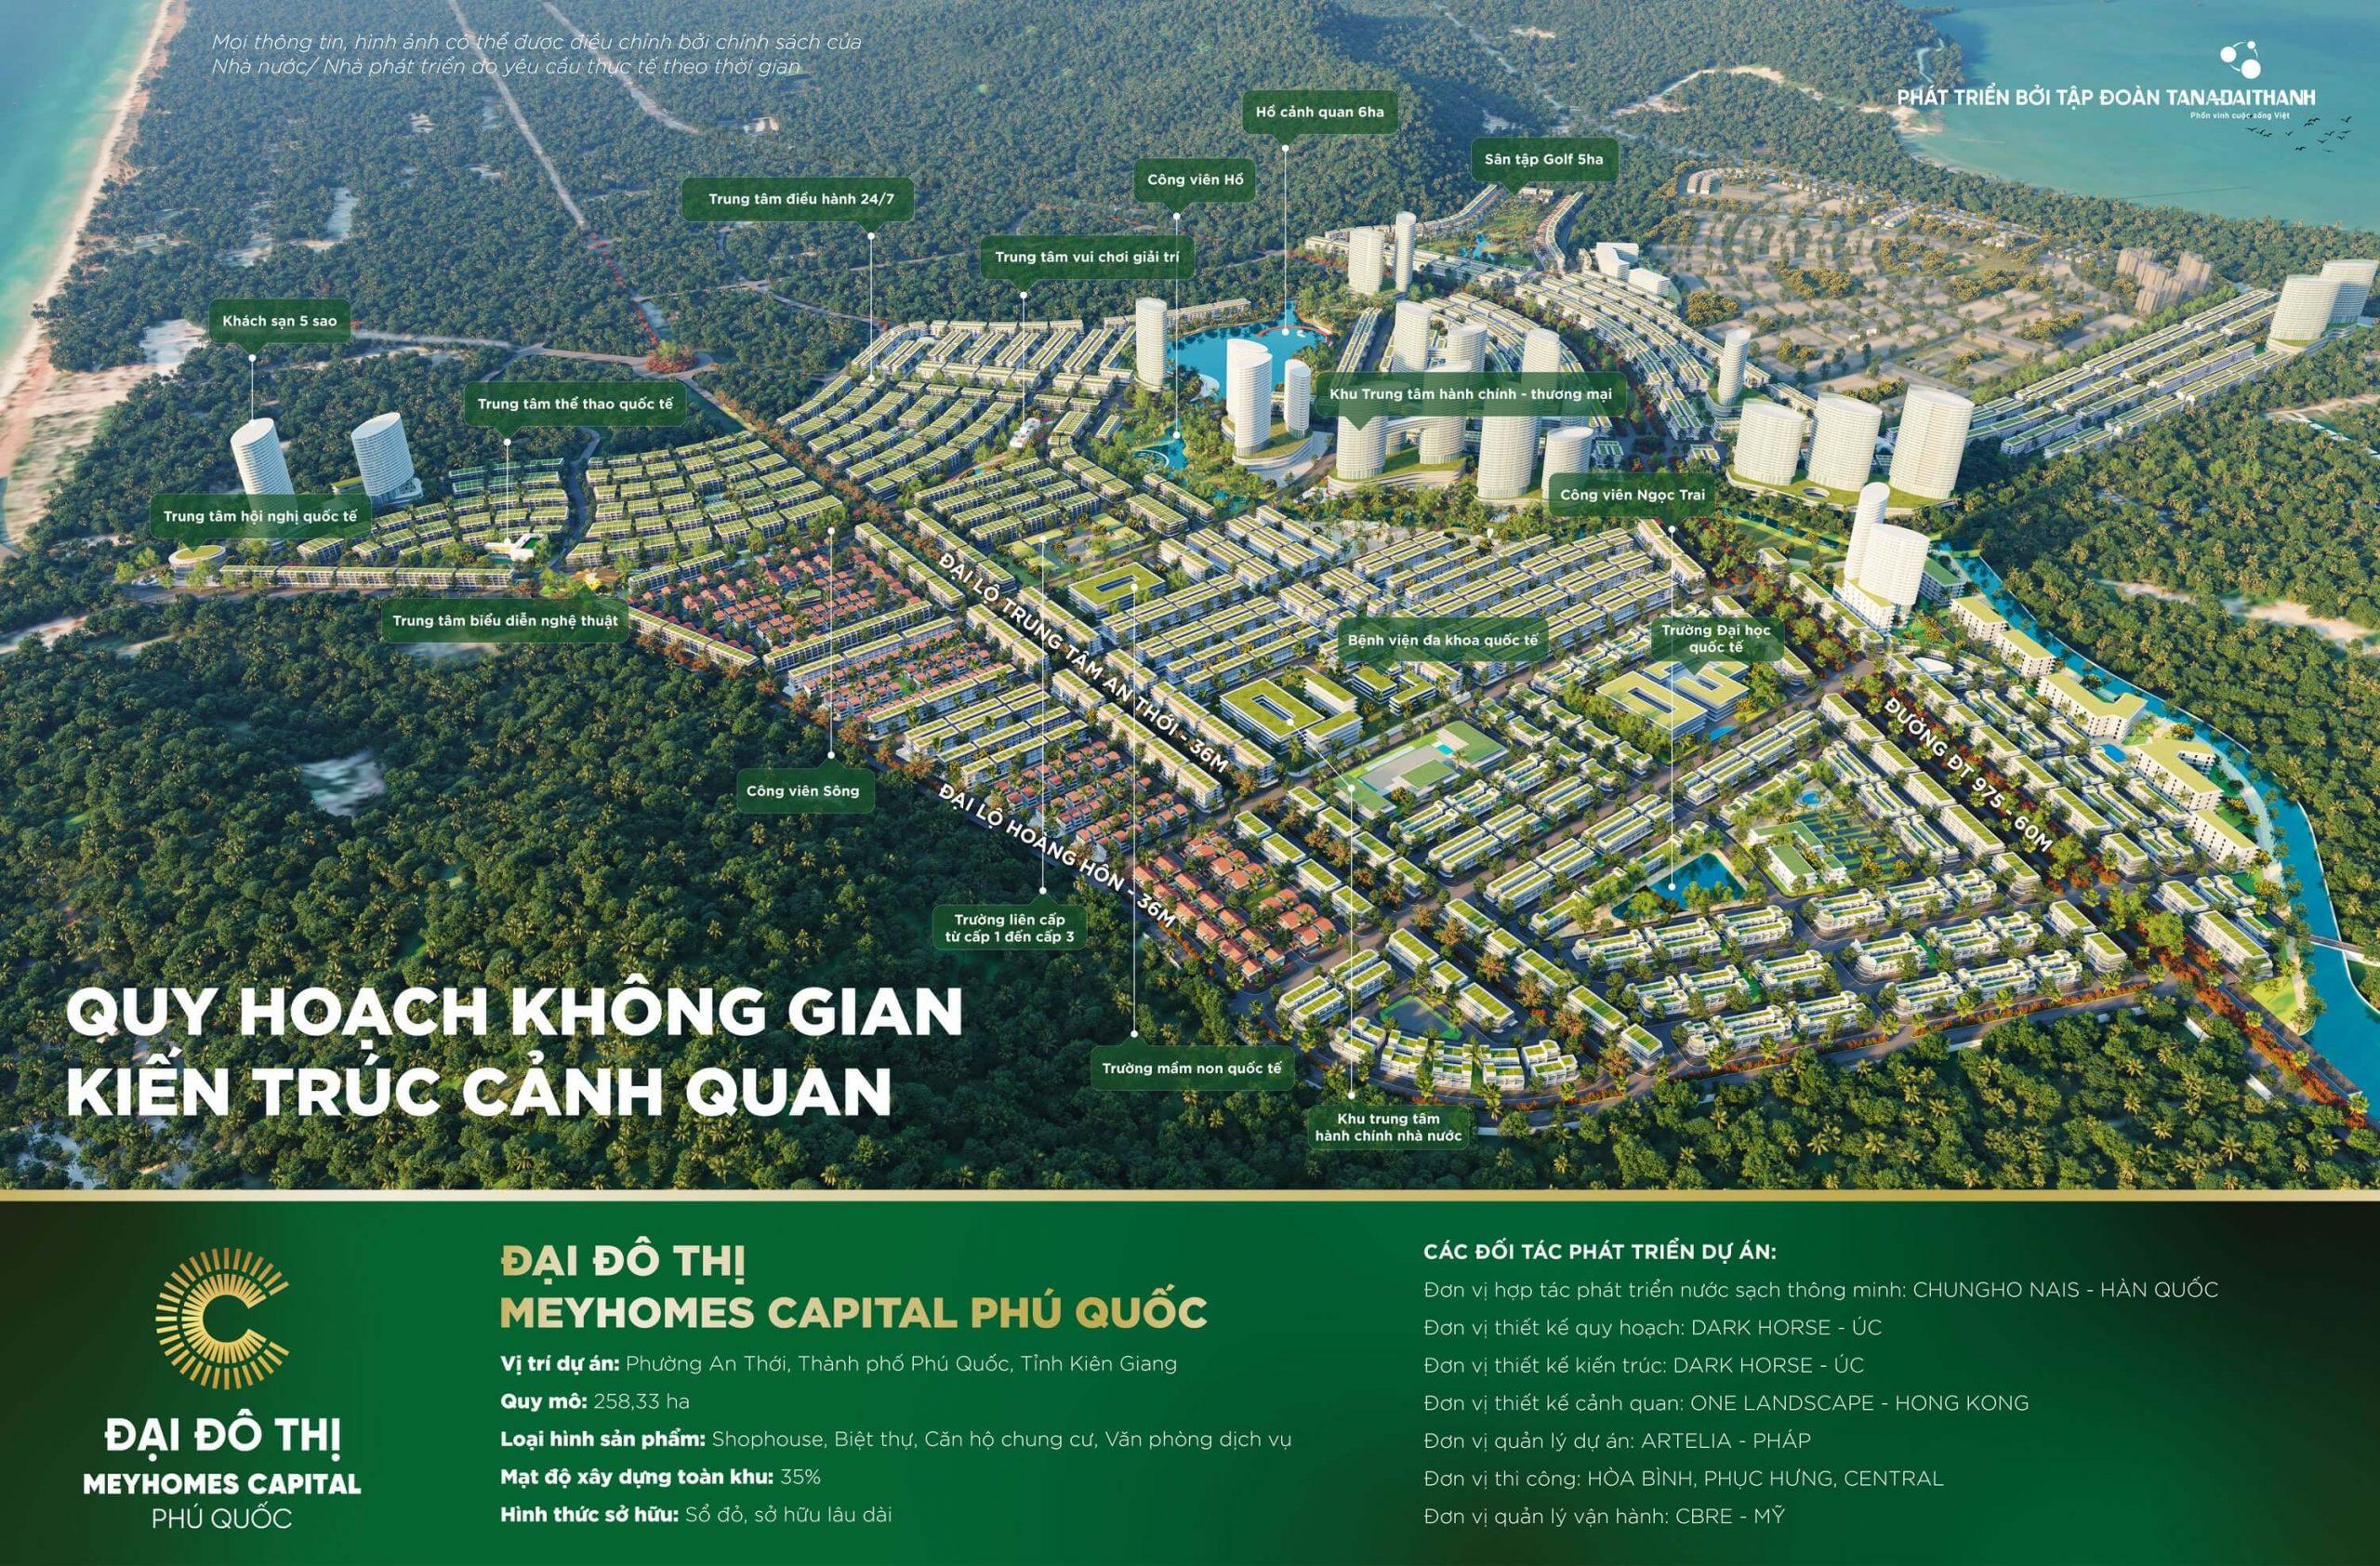 Phối cảnh toàn khu đại đô thị Meyhomes Capital Phu Quoc